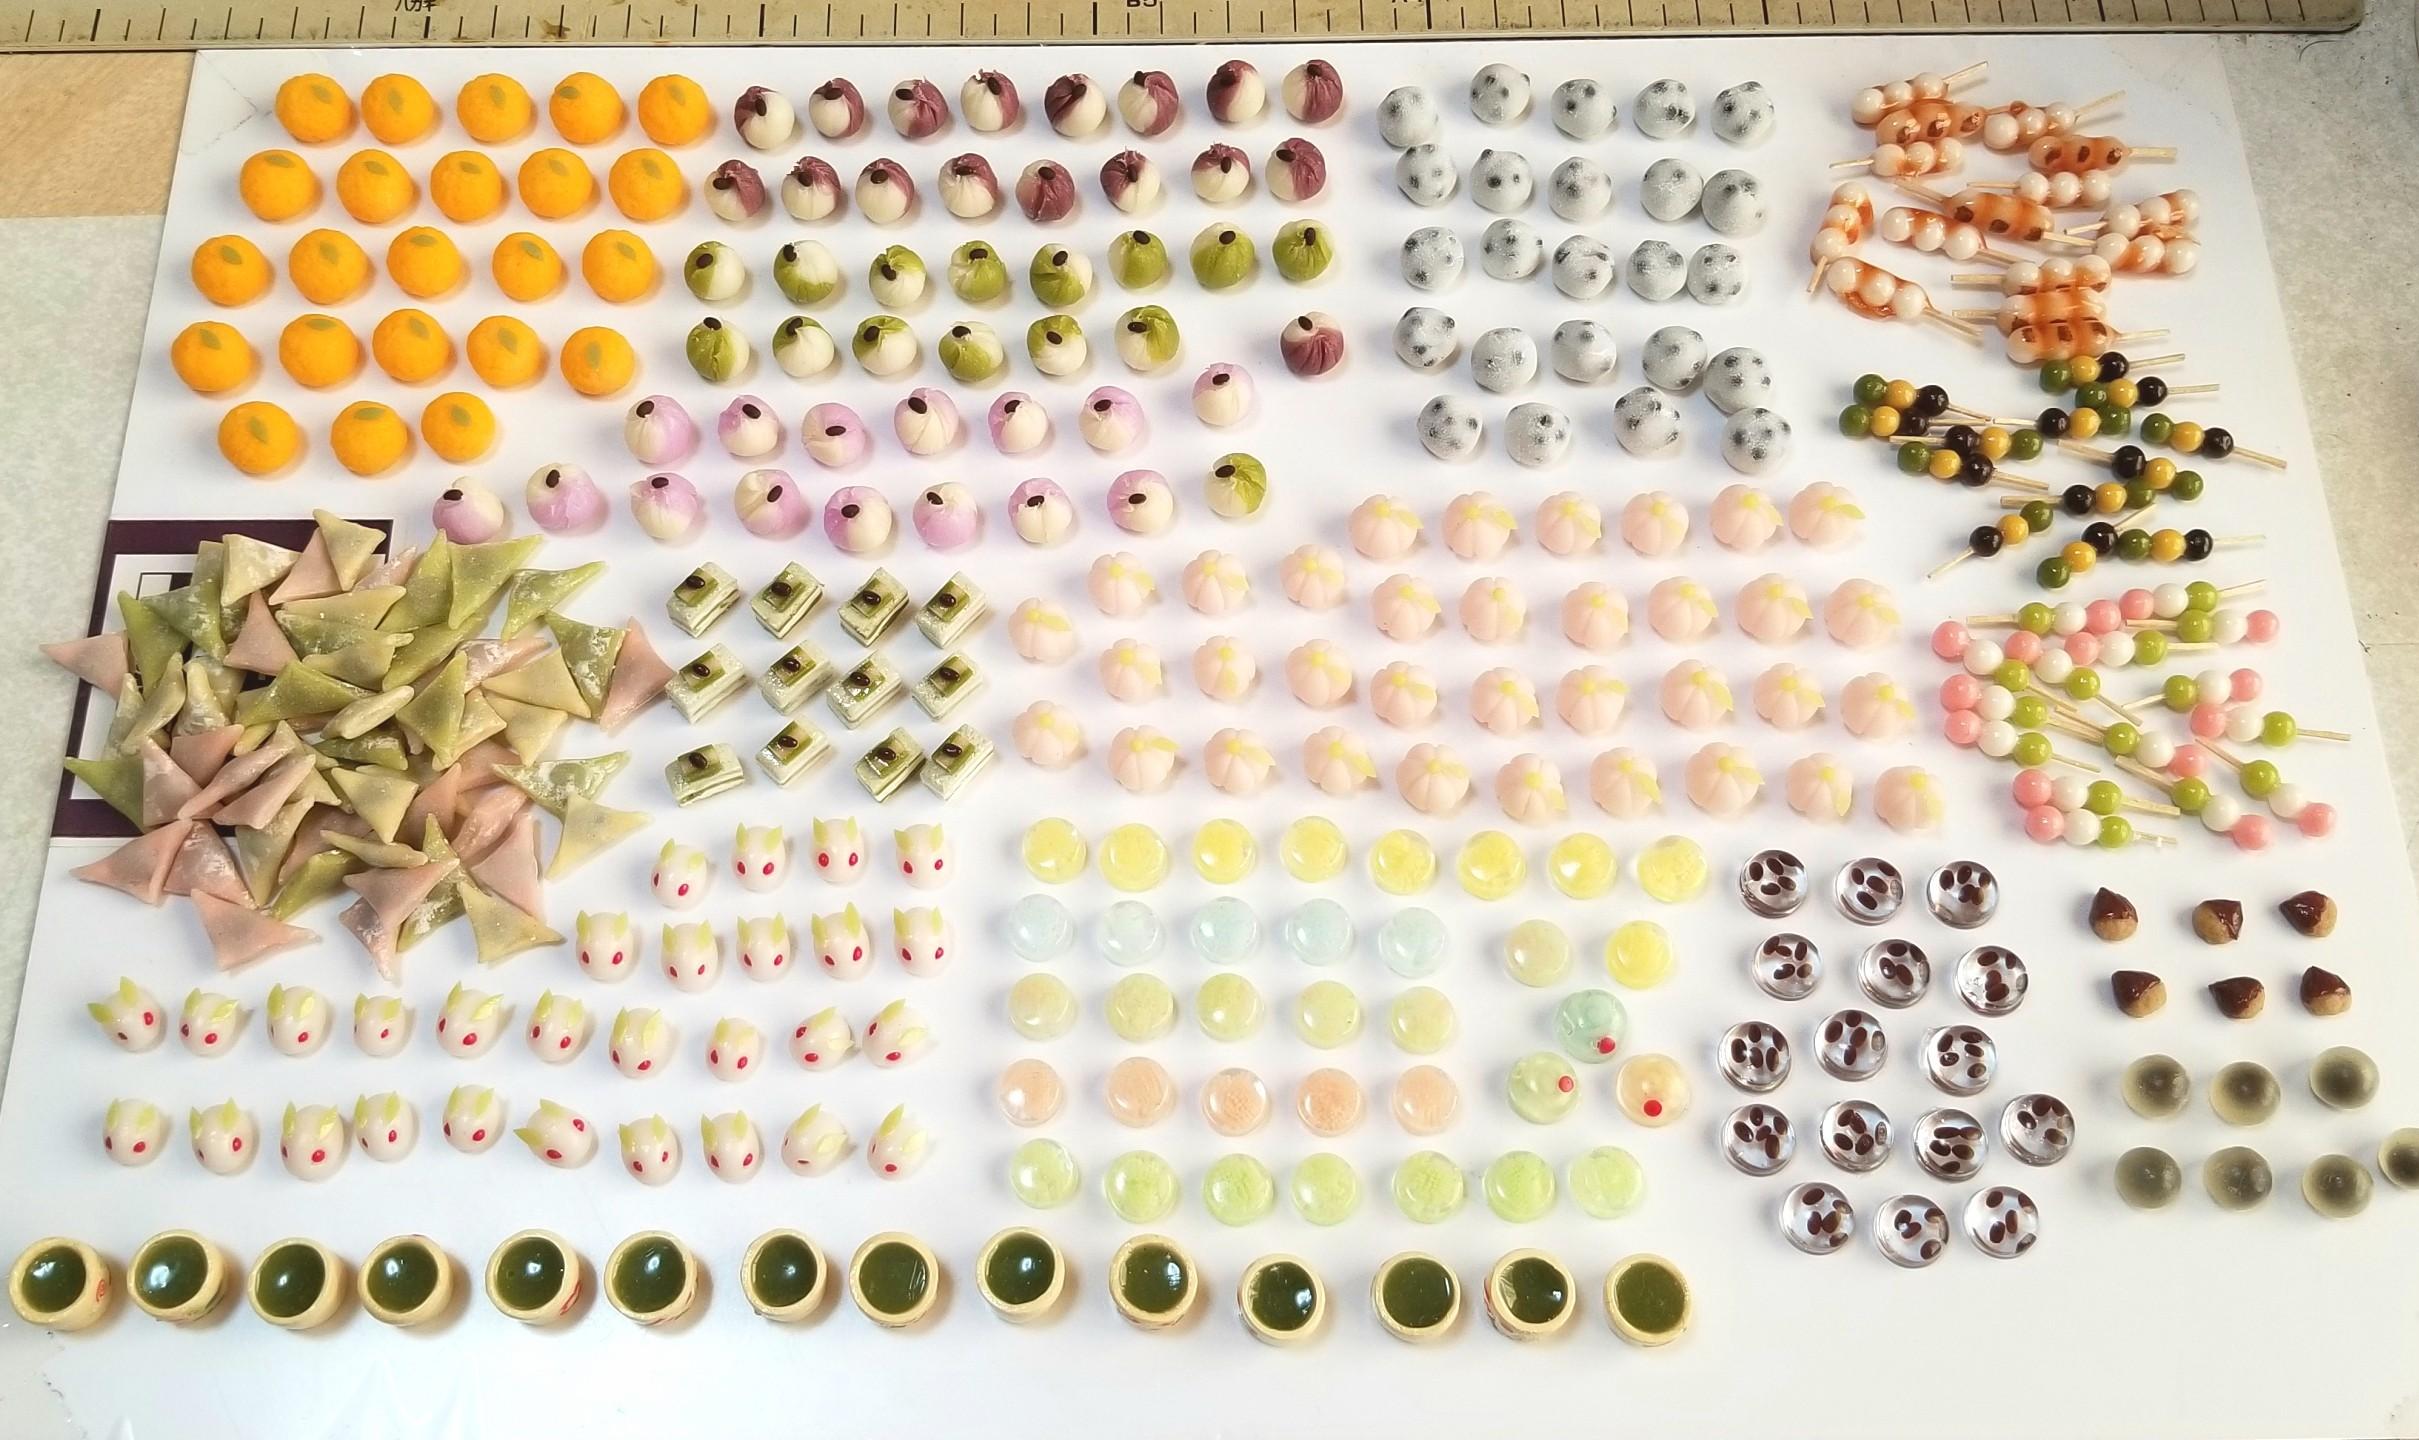 ミニチュアフード,和菓子,樹脂粘土,紙粘土,食品サンプル,シルバニア